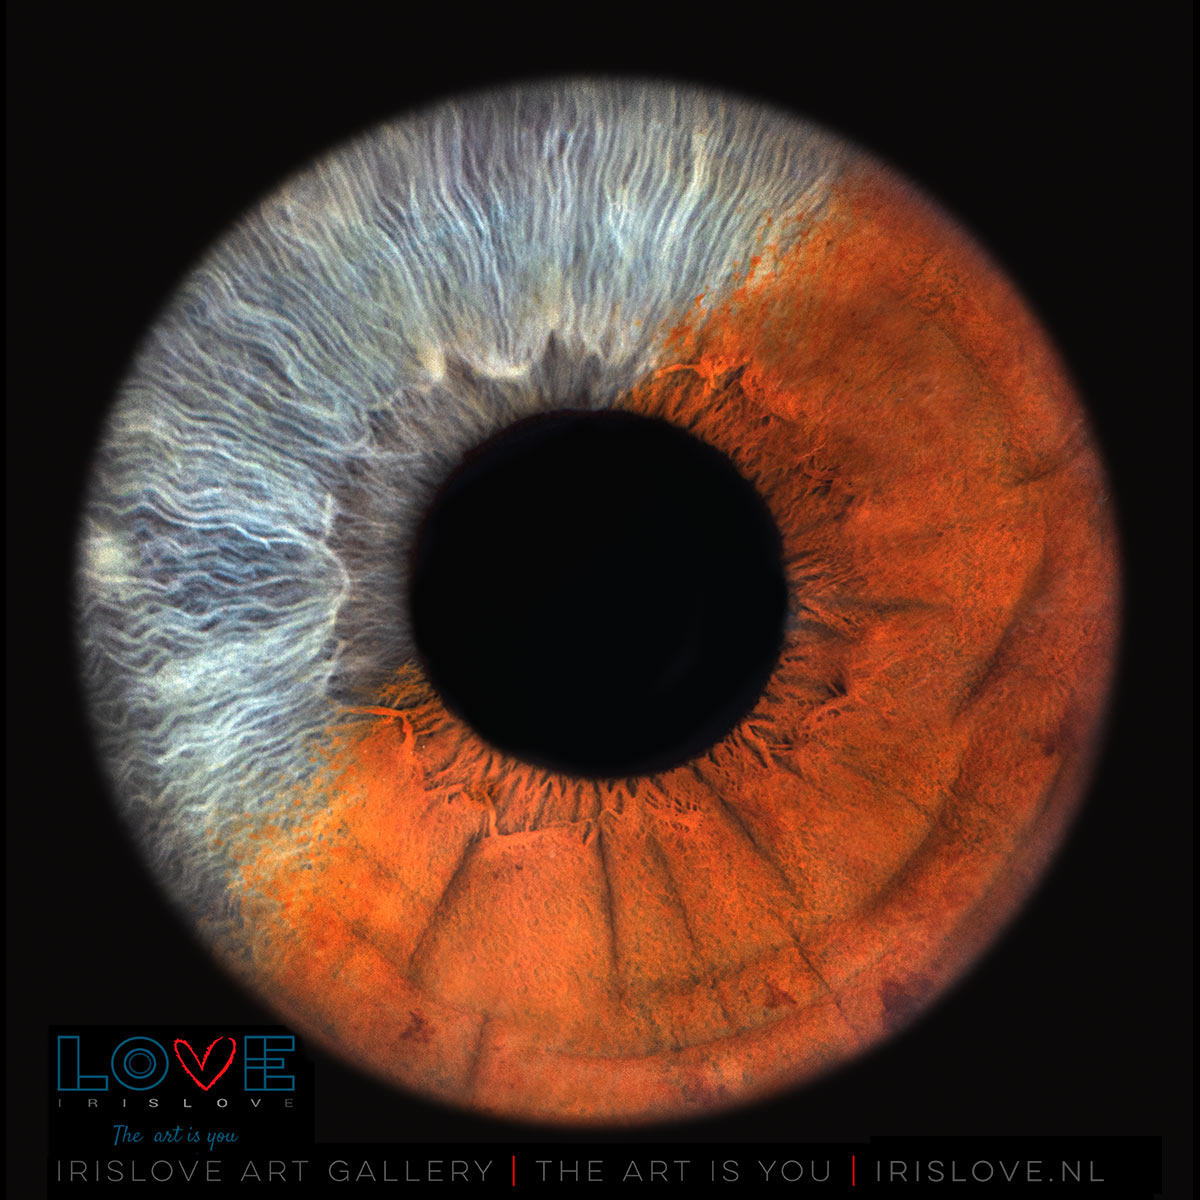 verschillende oogkleuren